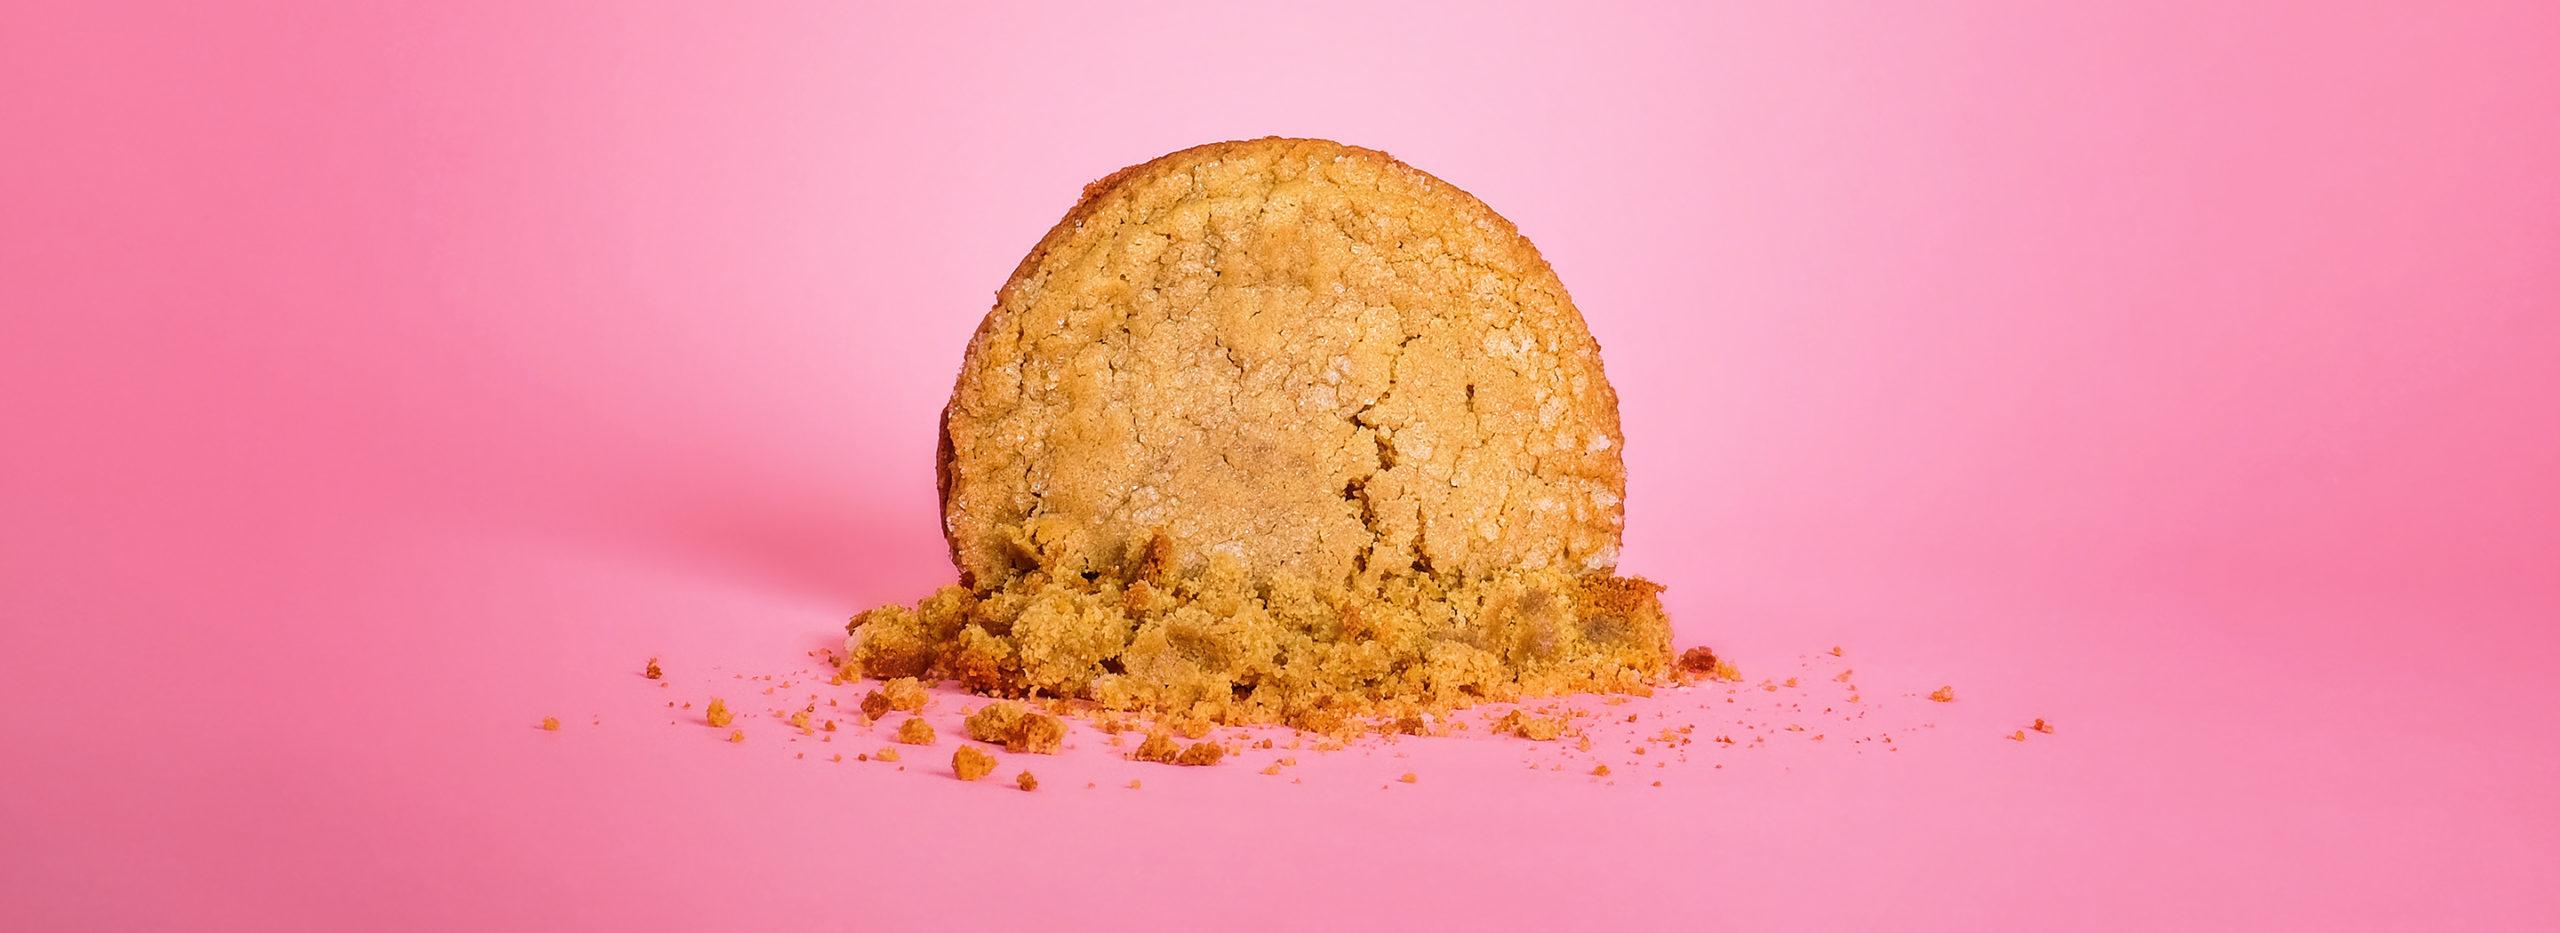 cookie header image